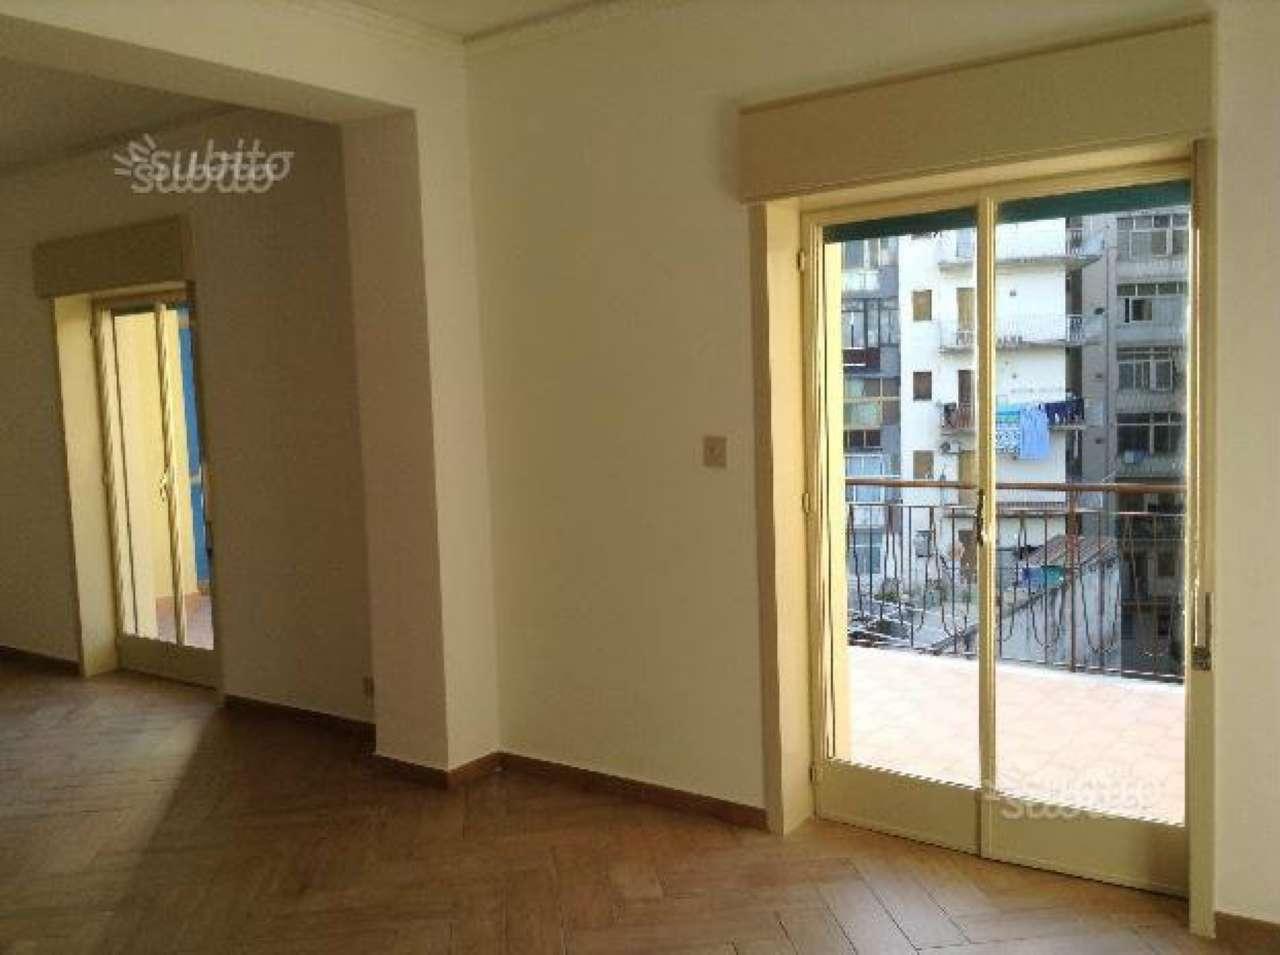 Attico / Mansarda in affitto a Acireale, 9999 locali, prezzo € 500 | Cambio Casa.it